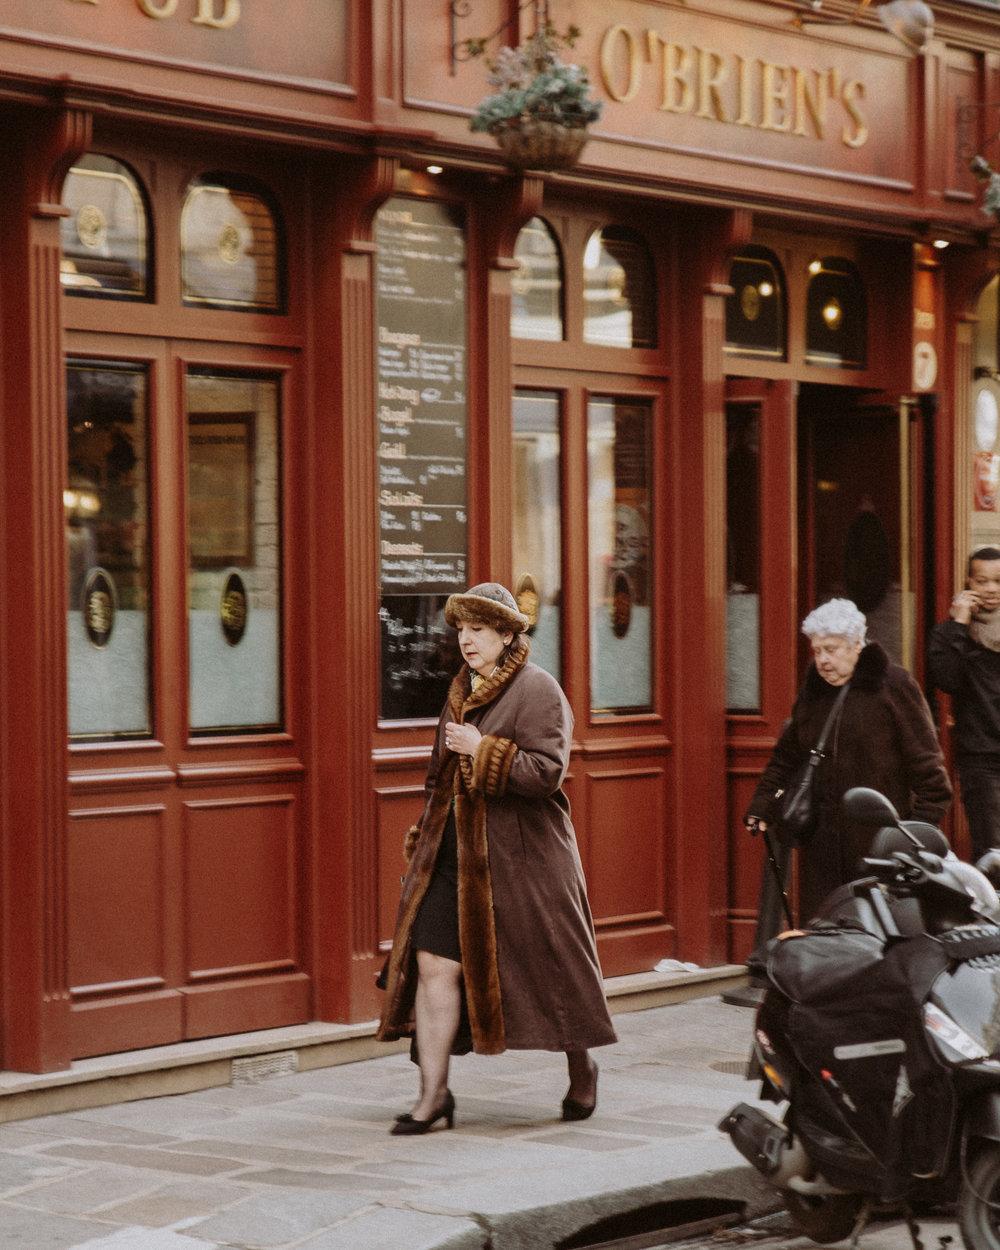 ParisPeople (19 of 19).jpg